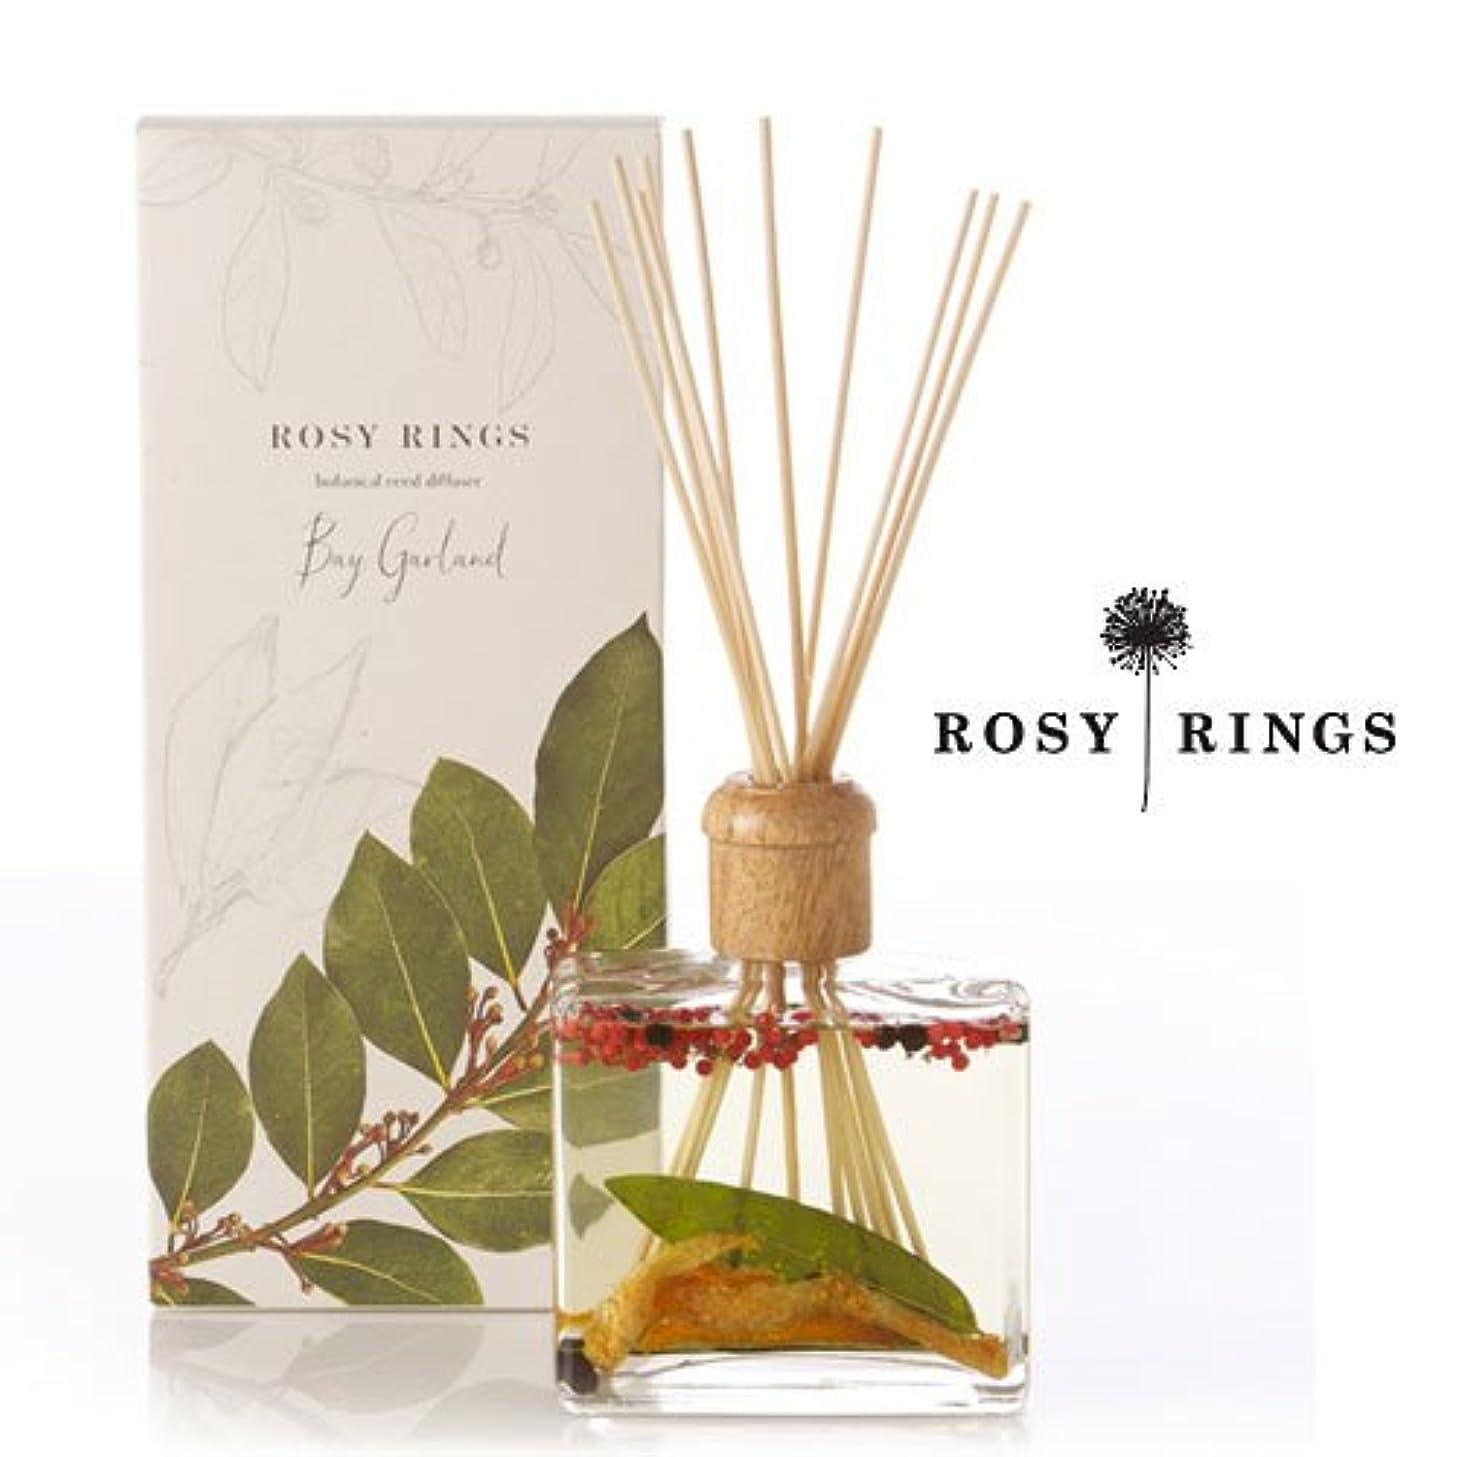 イーウェルより平らな悲しいことにロージーリングス ボタニカルリードディフューザード ベイガーランド ROSY RINGS Signature Collection Botanical Reed Diffuser – Bay Garland